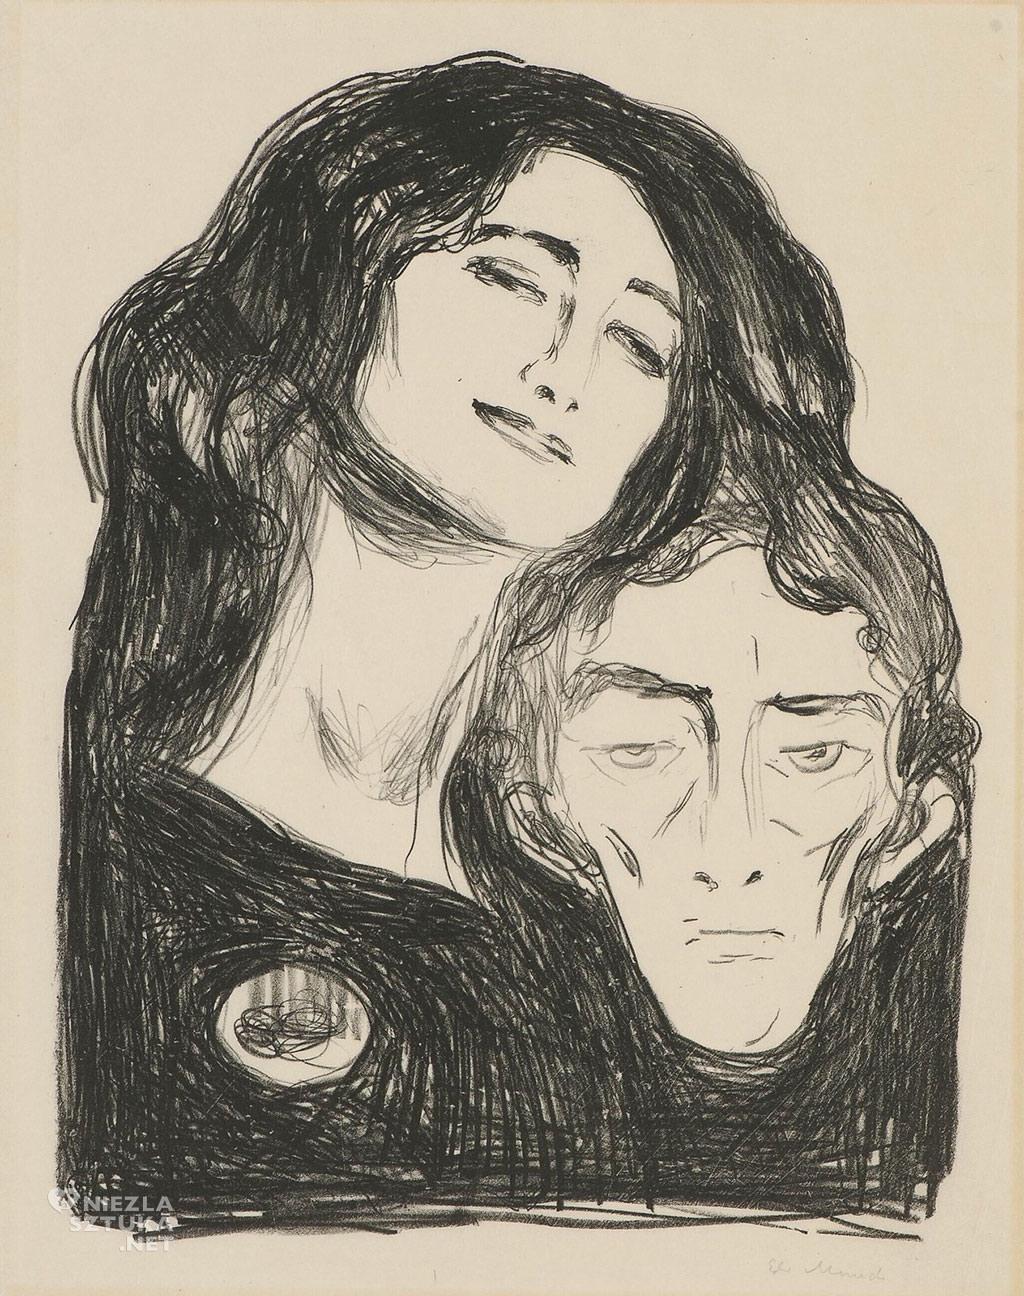 Edvard Munch, Salome, sztuka skandynawska, Niezła sztuka